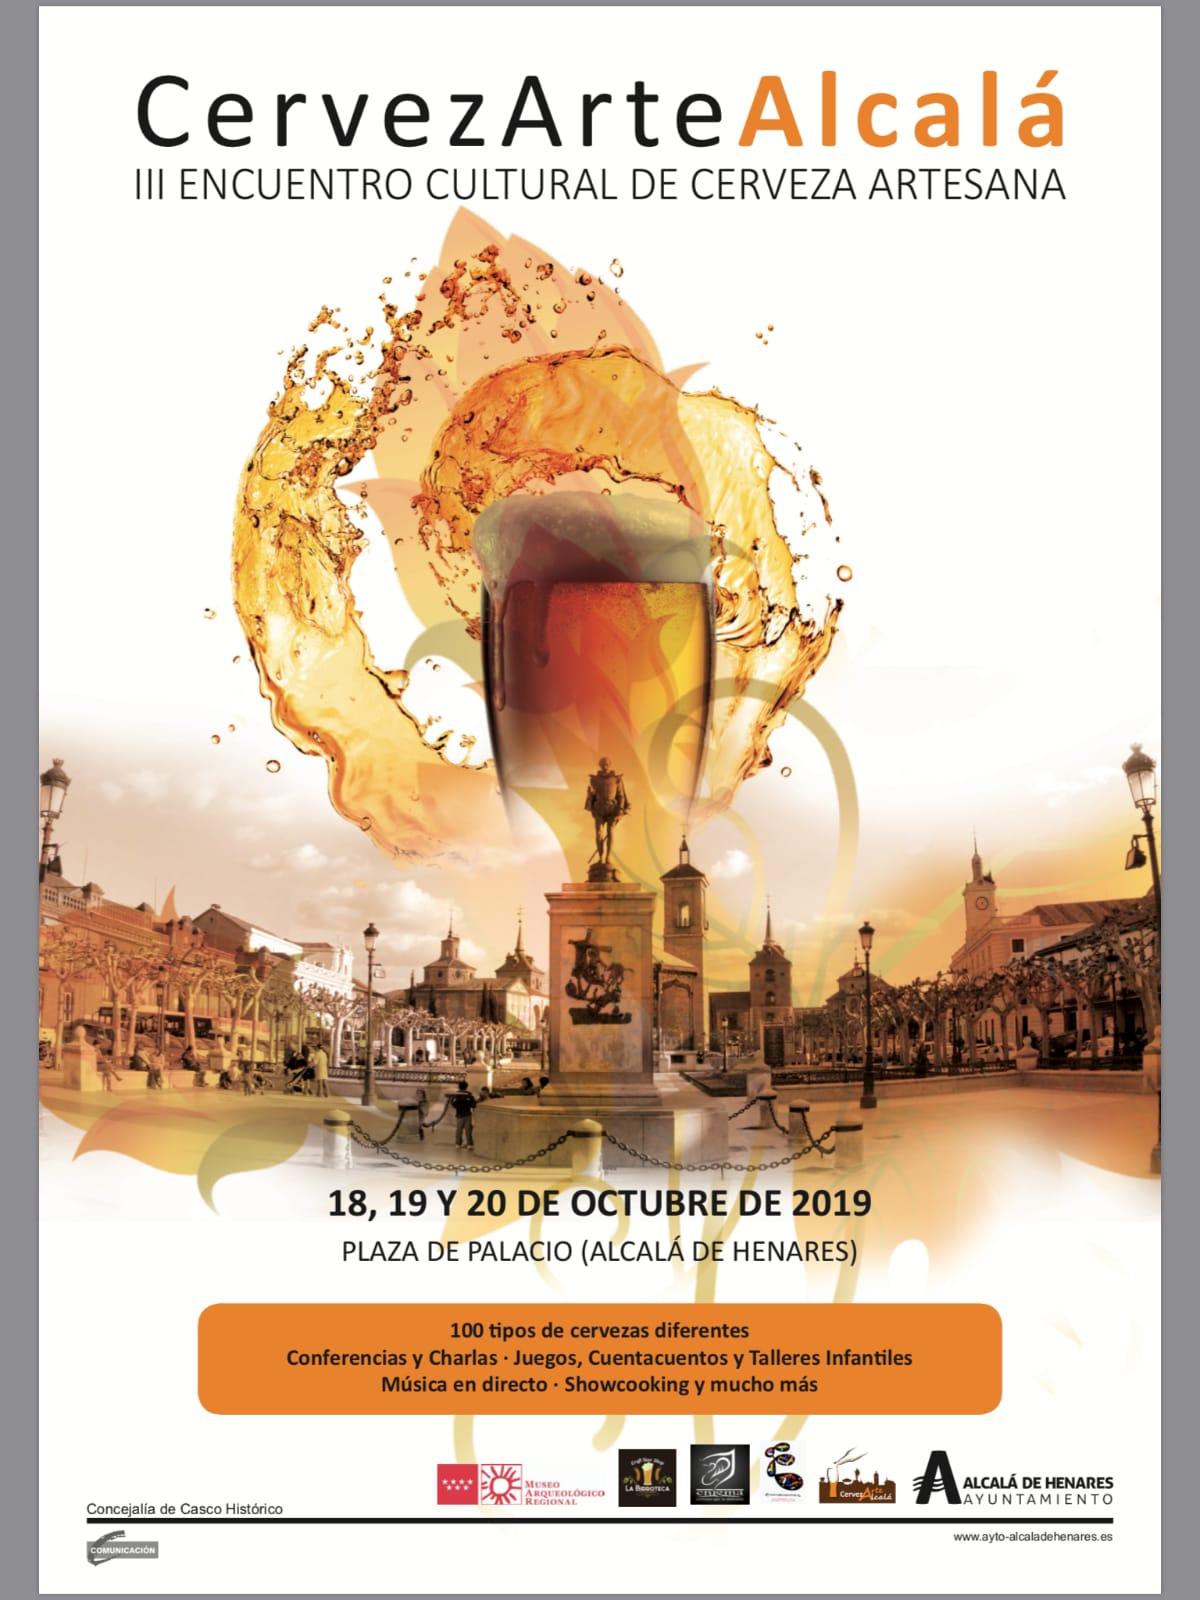 CervezArteAlcalá 2019